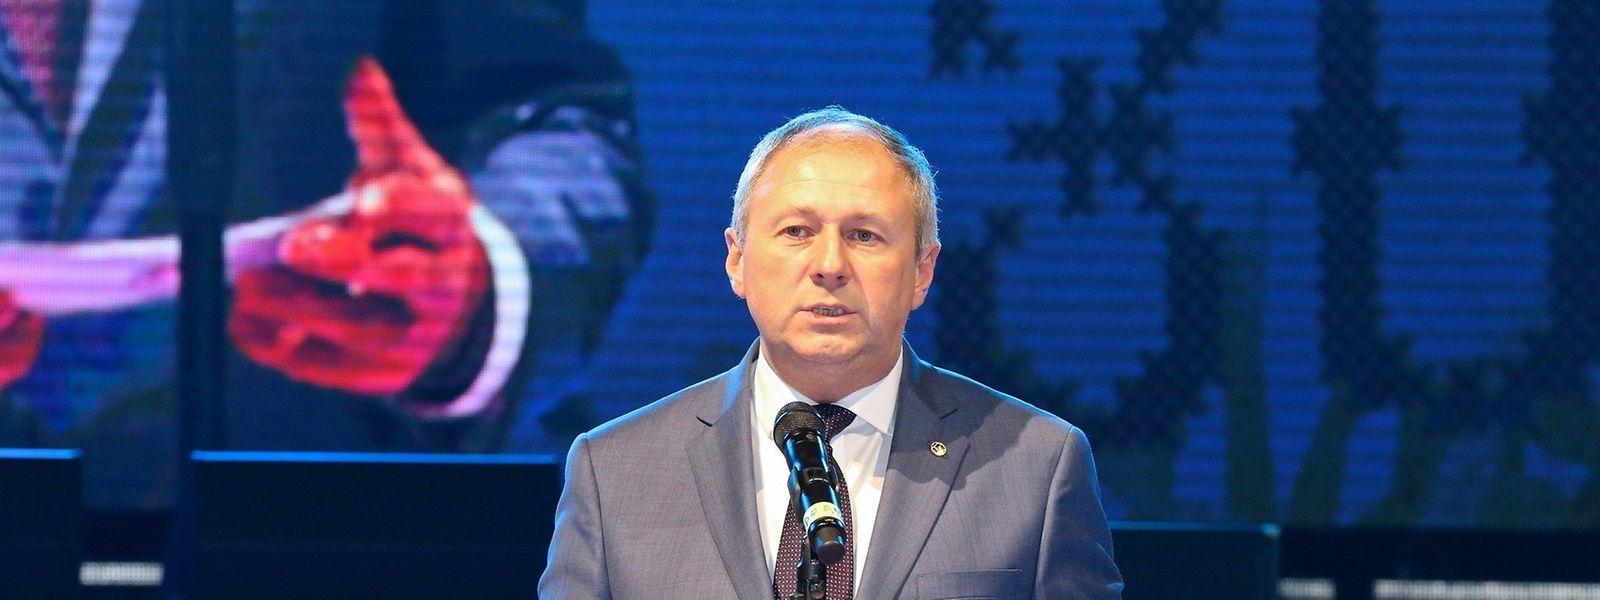 Sergei Rumas, le président de la Fédération biélorusse de football nommé Premier ministre cet été.